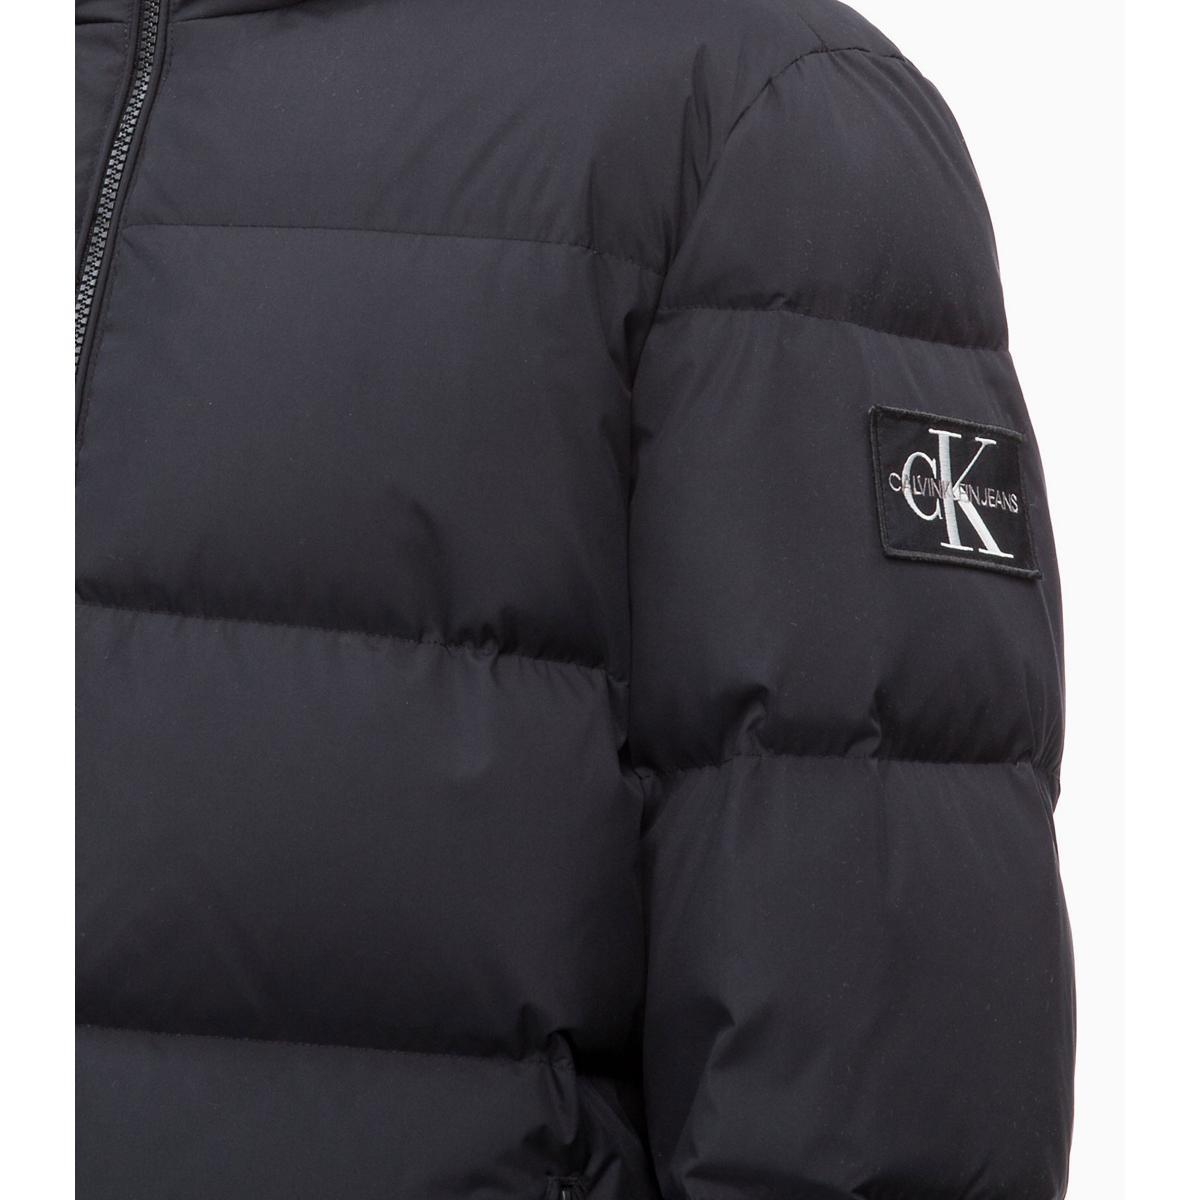 Giubbotto Piumino Calvin Klein Jeans con cappuccio da uomo Rif. J30J309487